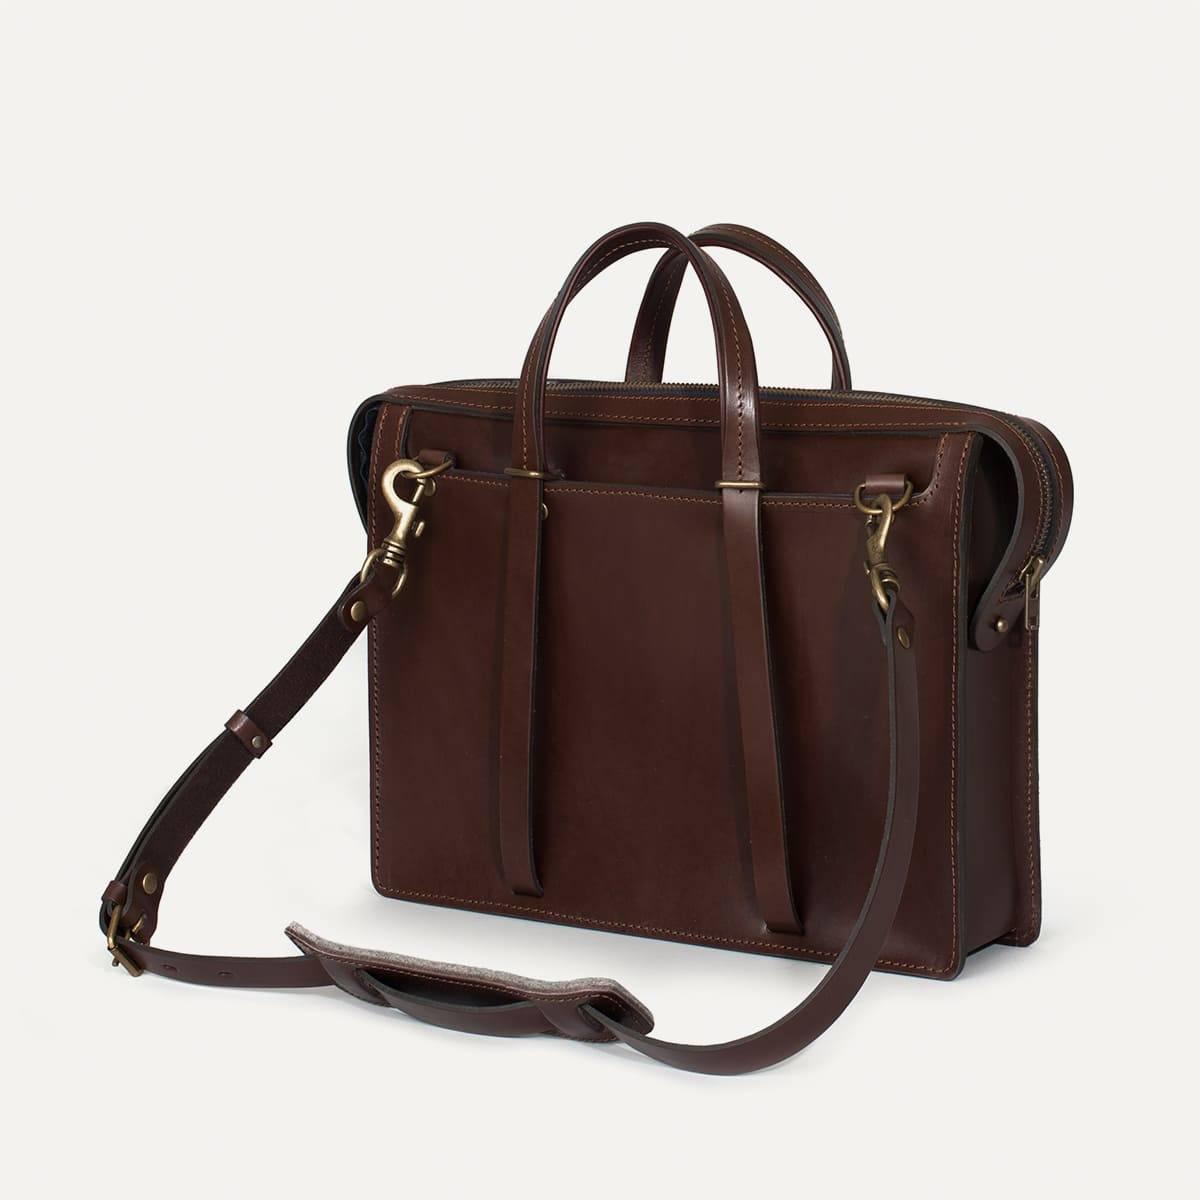 sac cartable jupiter i sac cuir homme made in france. Black Bedroom Furniture Sets. Home Design Ideas